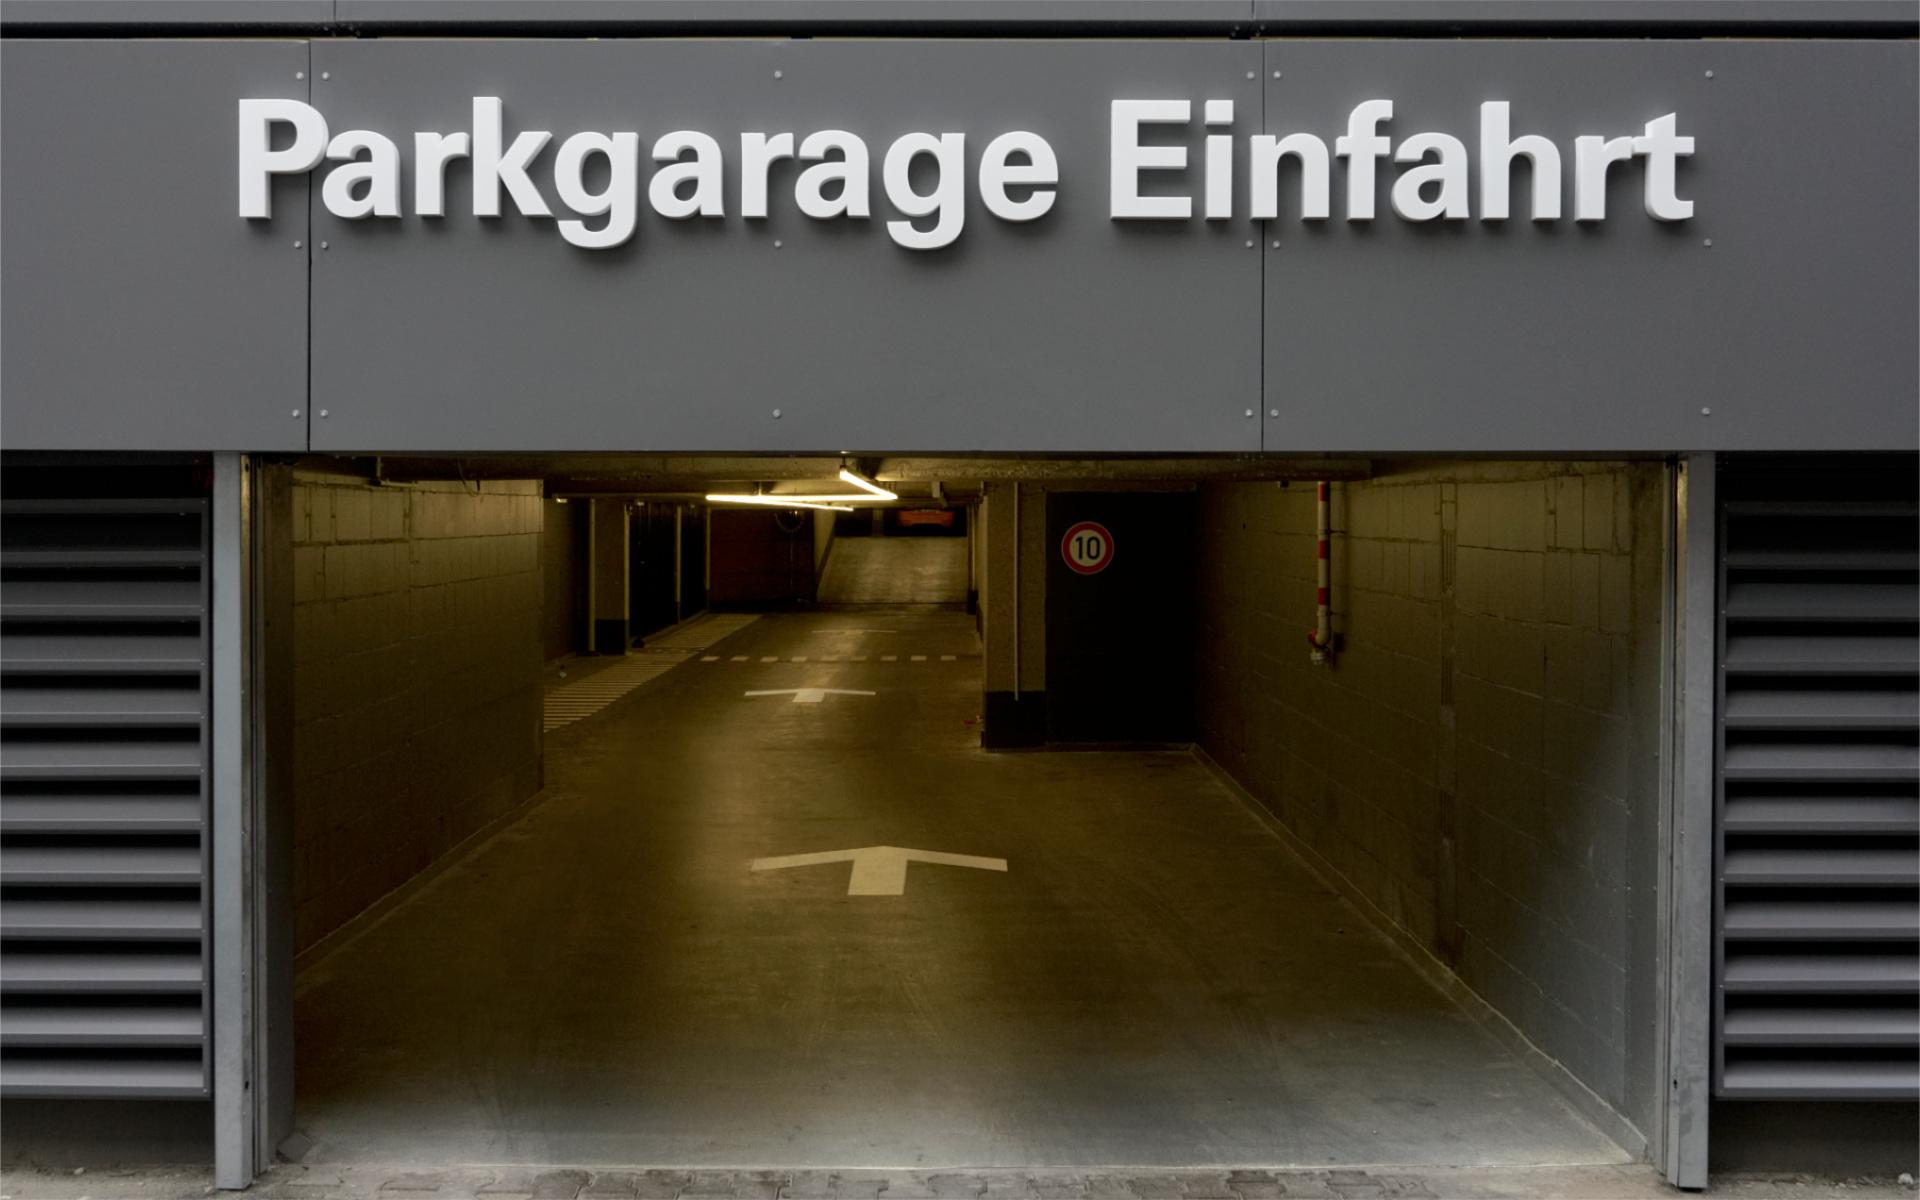 Parkhausbeschriftung Beschilderung Leitsystem Leuchtbuchstaben Berlin